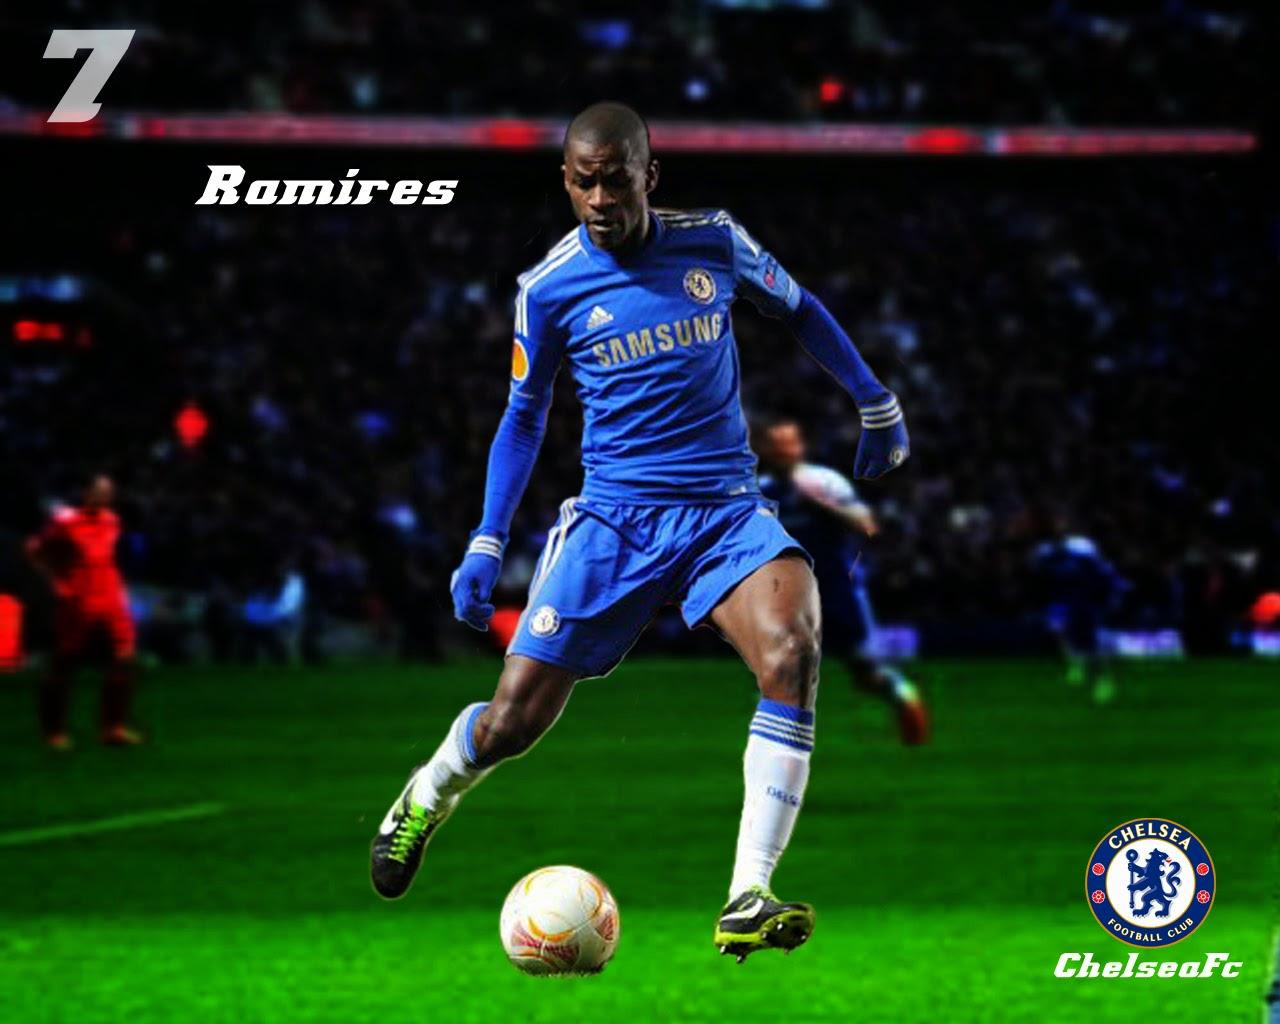 Player Football Wallpaper